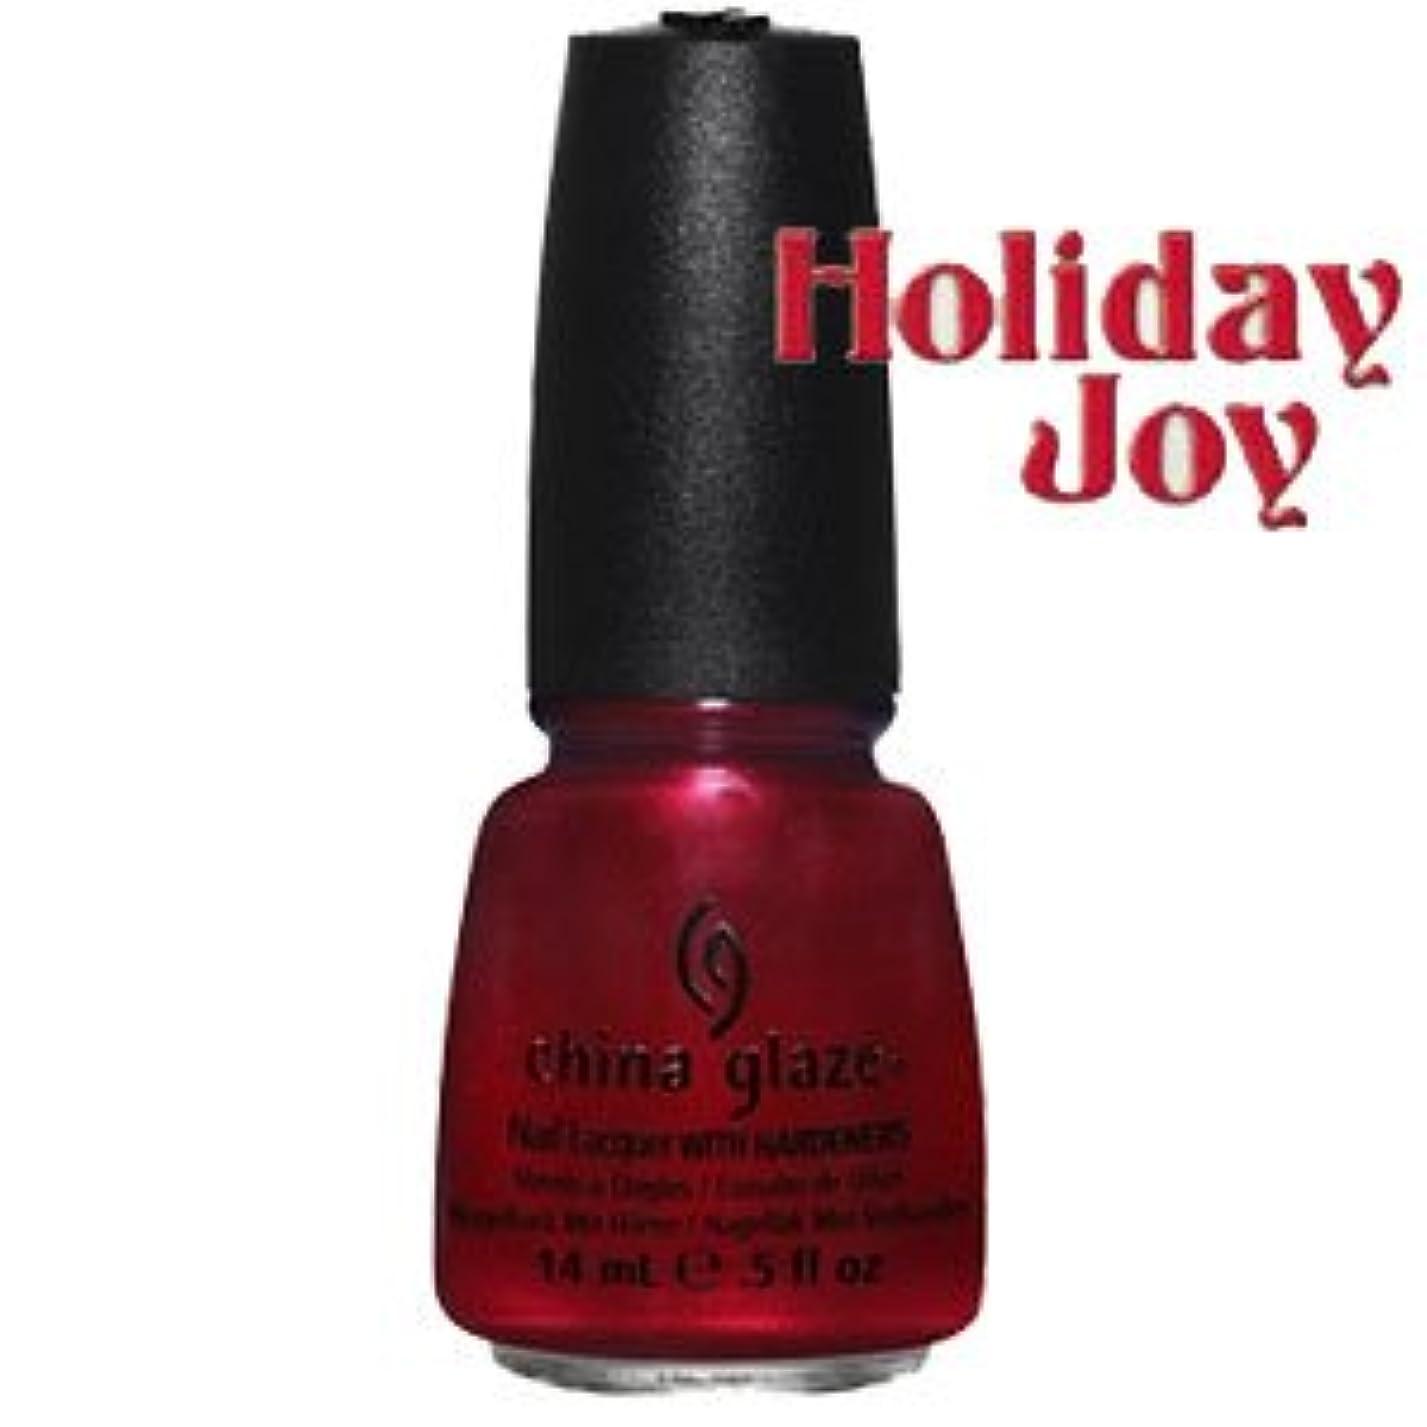 ストロー厚くするカジュアル(チャイナグレイズ)China Glaze Cranberry Splashー'12Holiday Joy コレクション [海外直送品][並行輸入品]